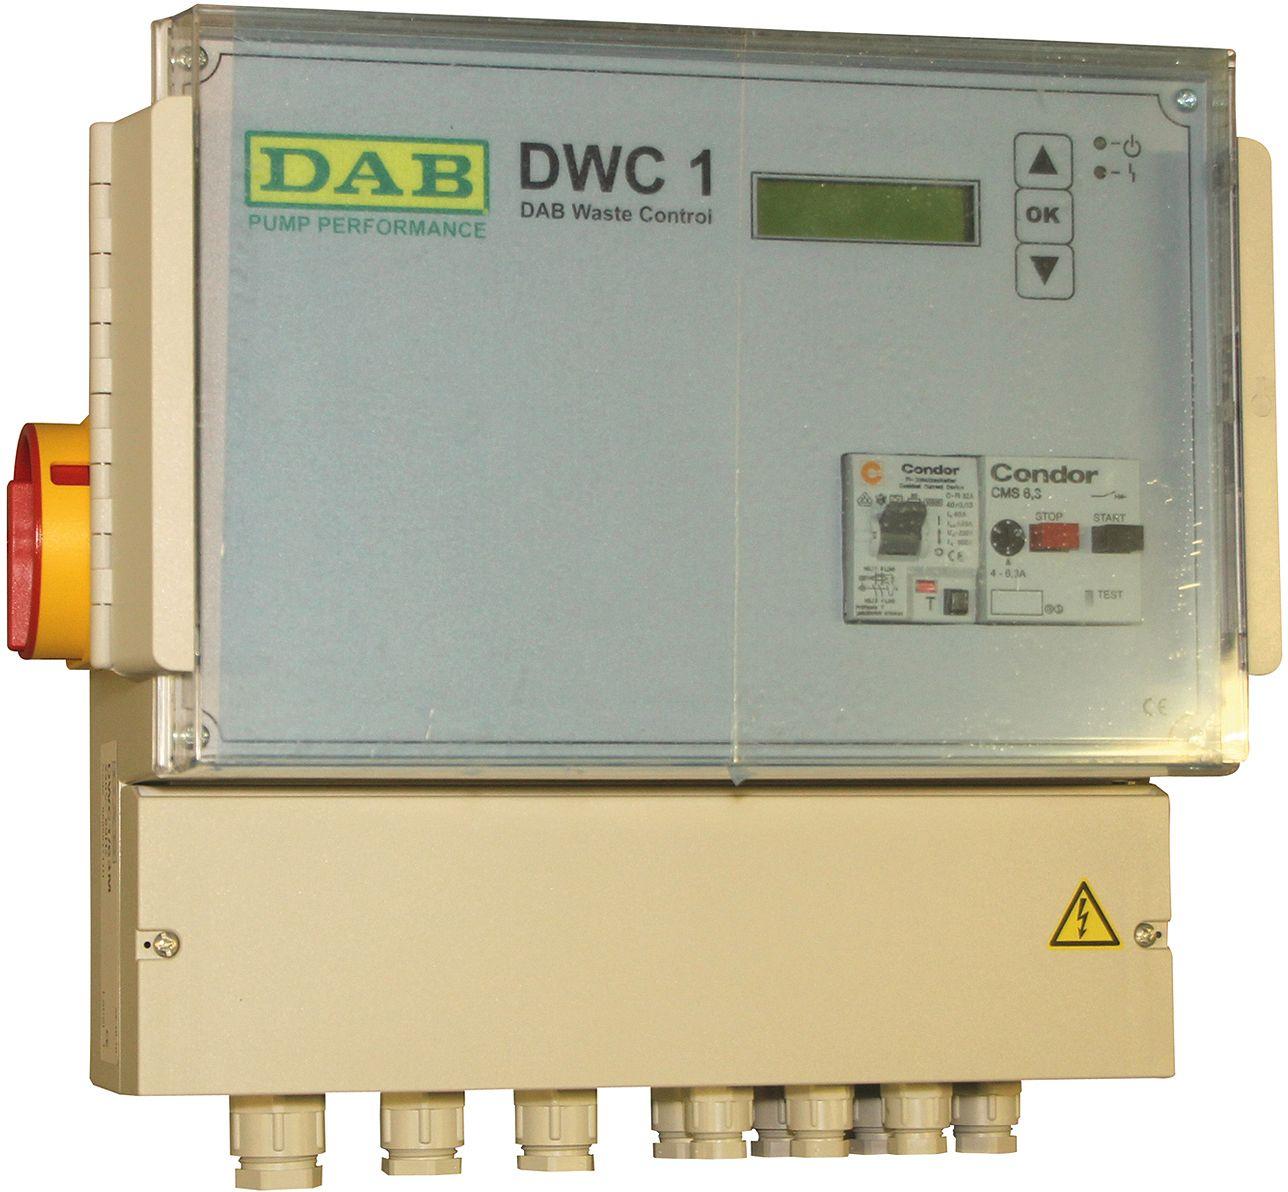 SCHAKELKAST DWC 1/63 DAB V.1xFEKA550/750